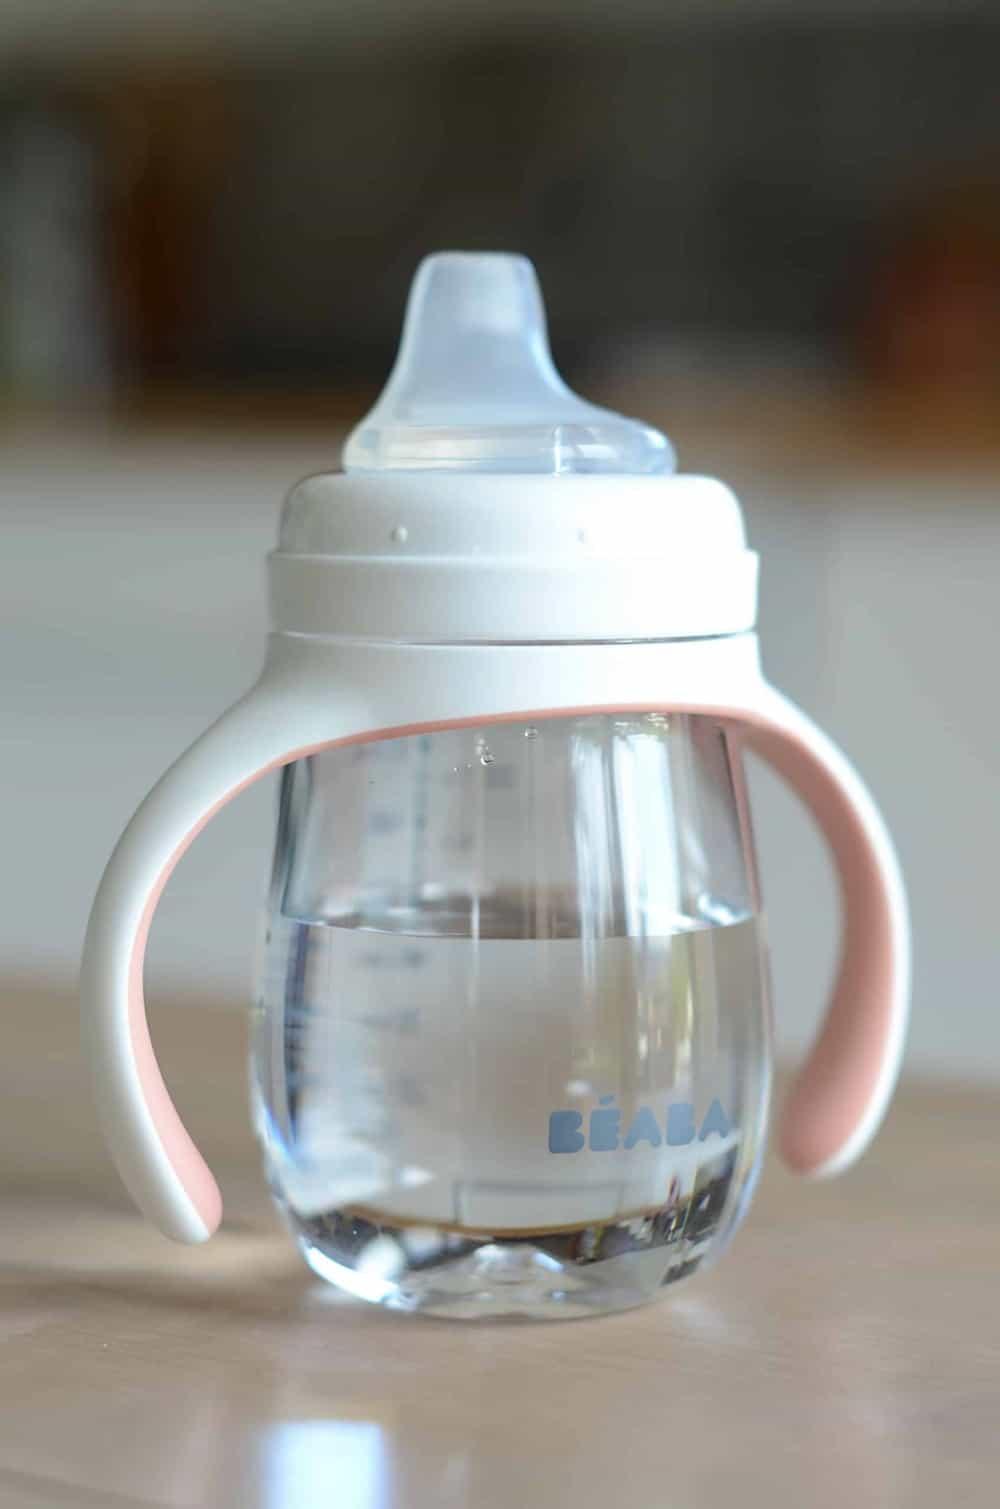 Beaba 2-in-1 Training Bottle Rose on counter